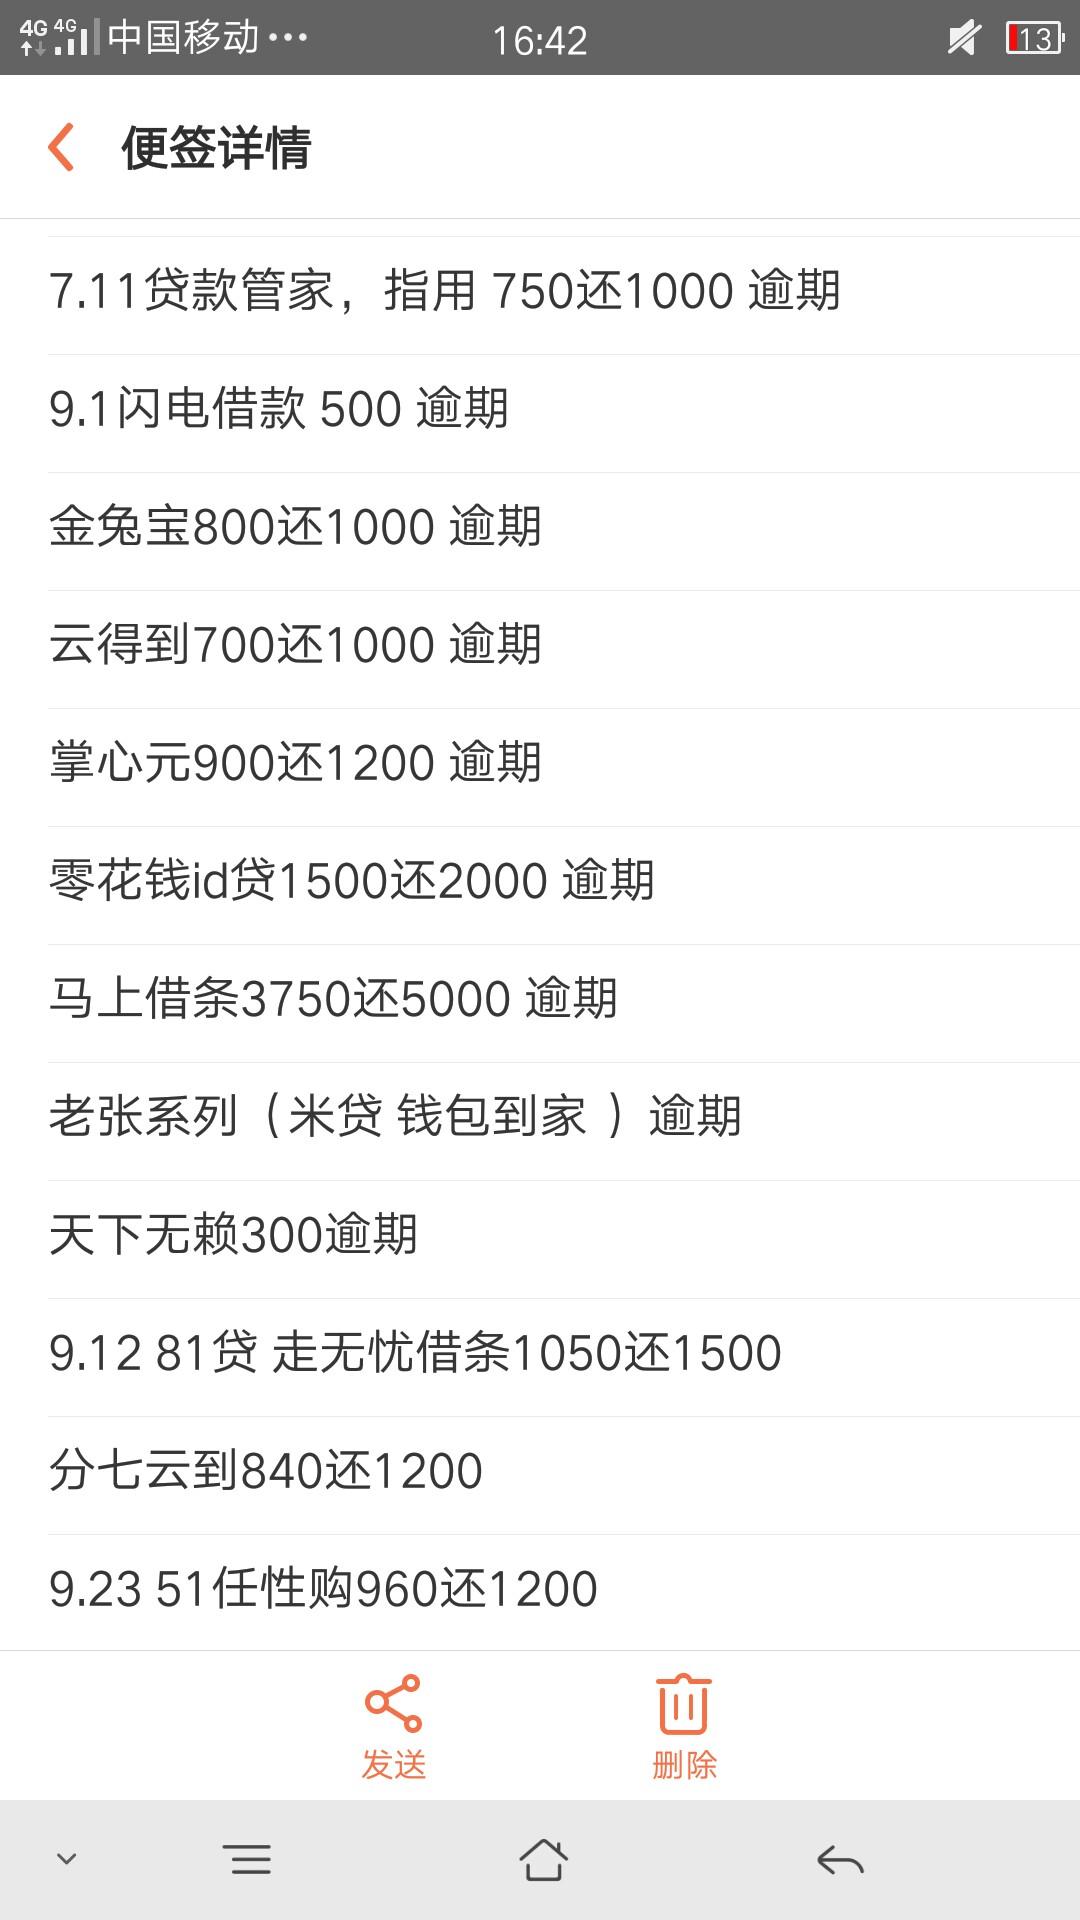 【领取春节福利】人人有份,抢完为止!最高18888花贝!14 / 作者:贵G撸侠 /